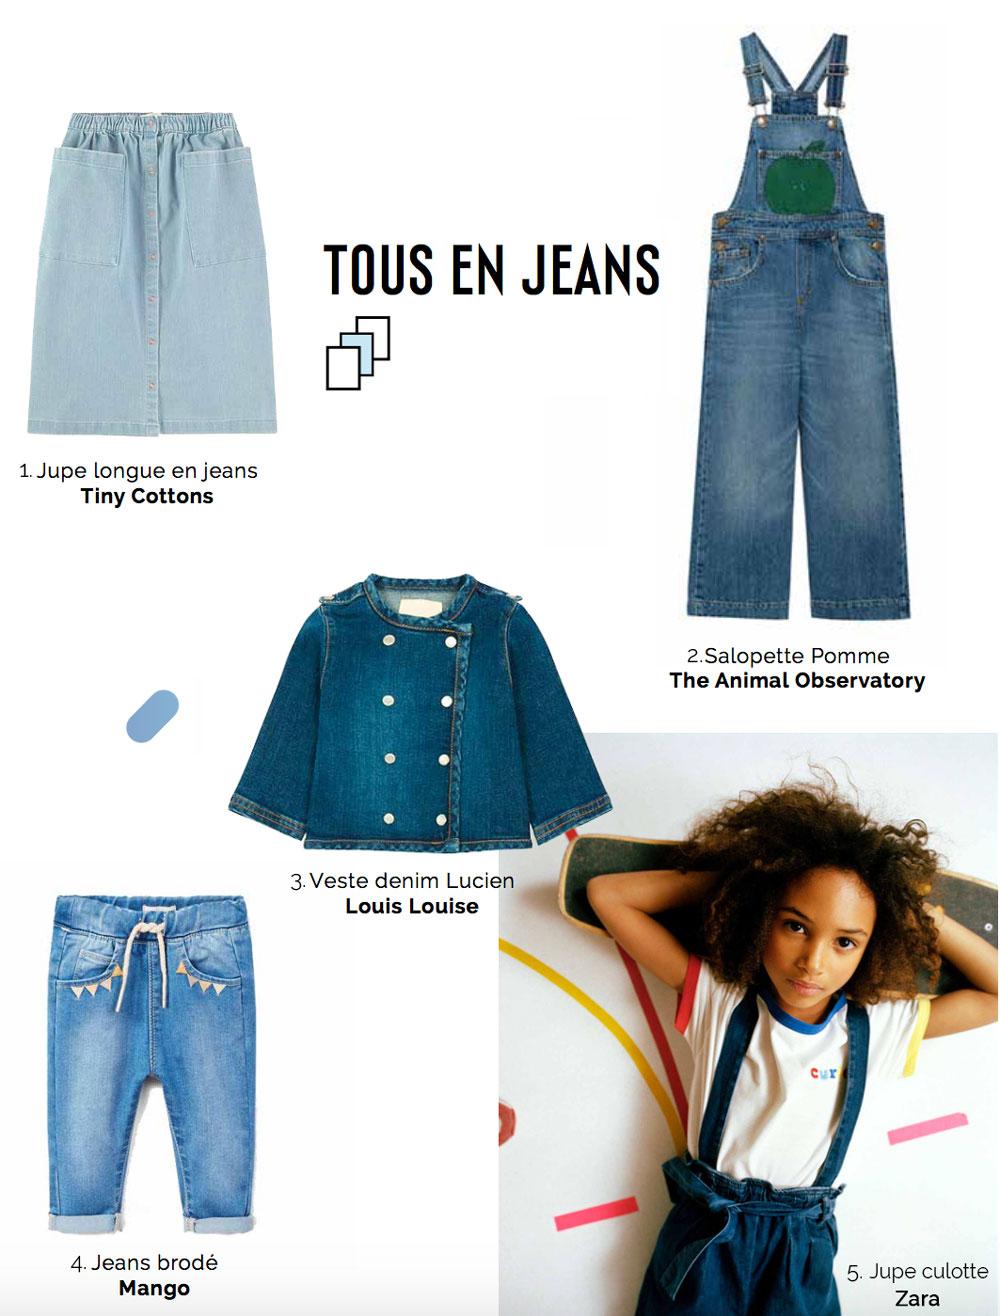 Tendance Tous en jeans